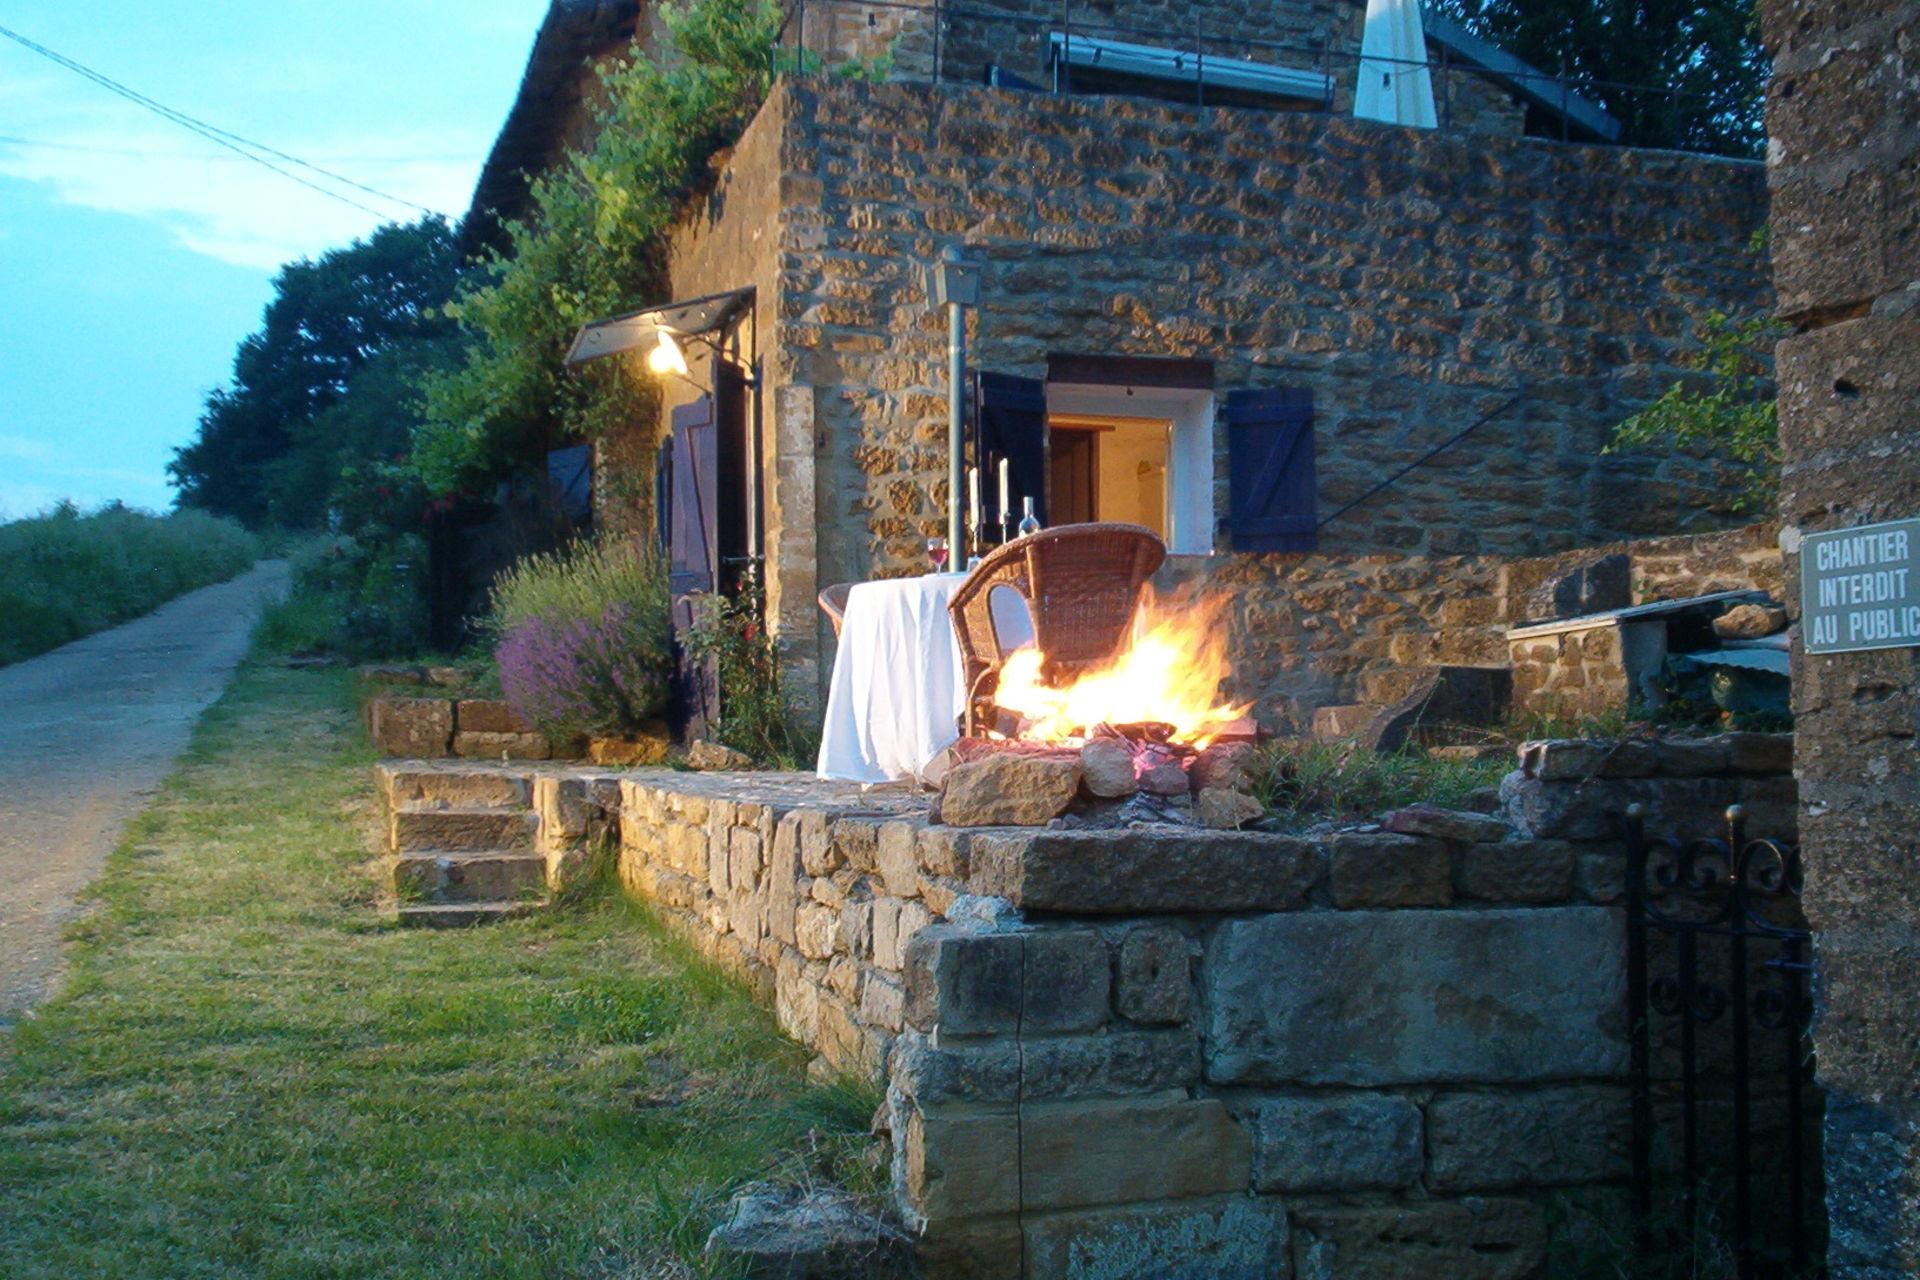 Ferienhaus Maison la Vignette in Meuse - Lorraine anzeigen - Gites.eu